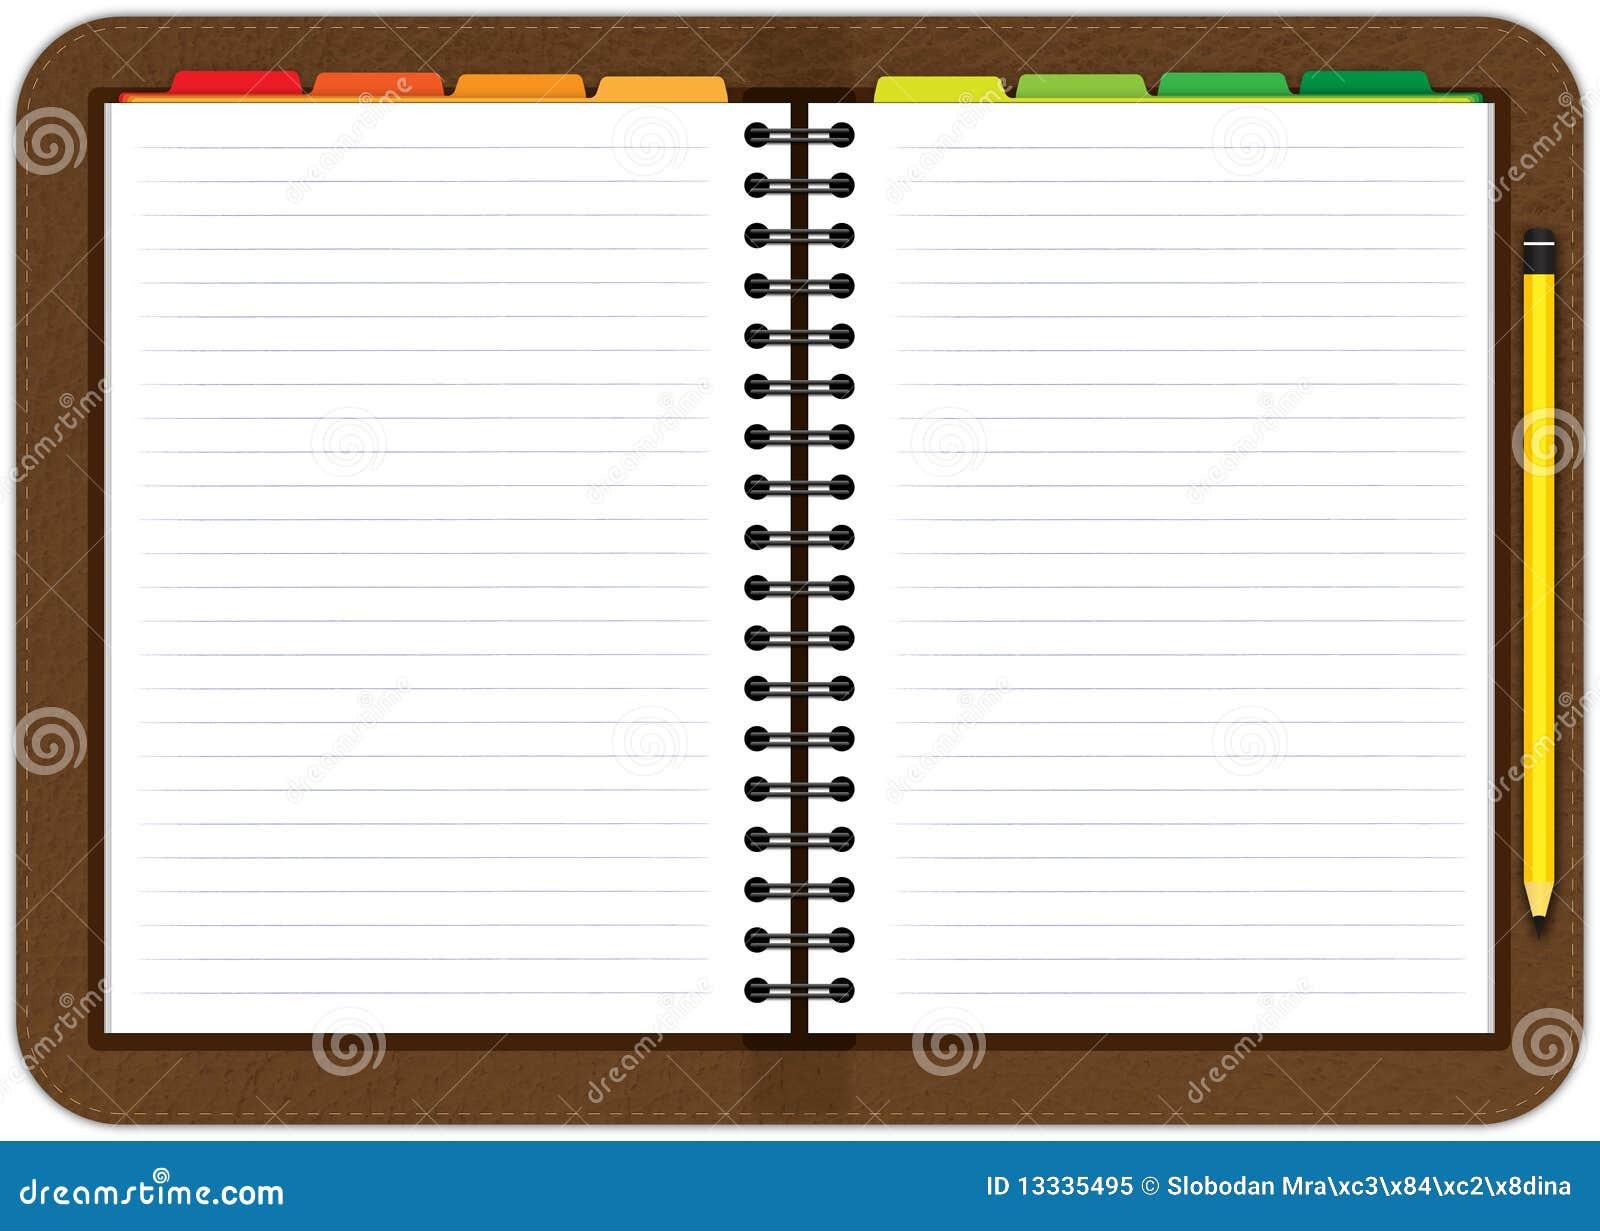 logos personal book builder pdf